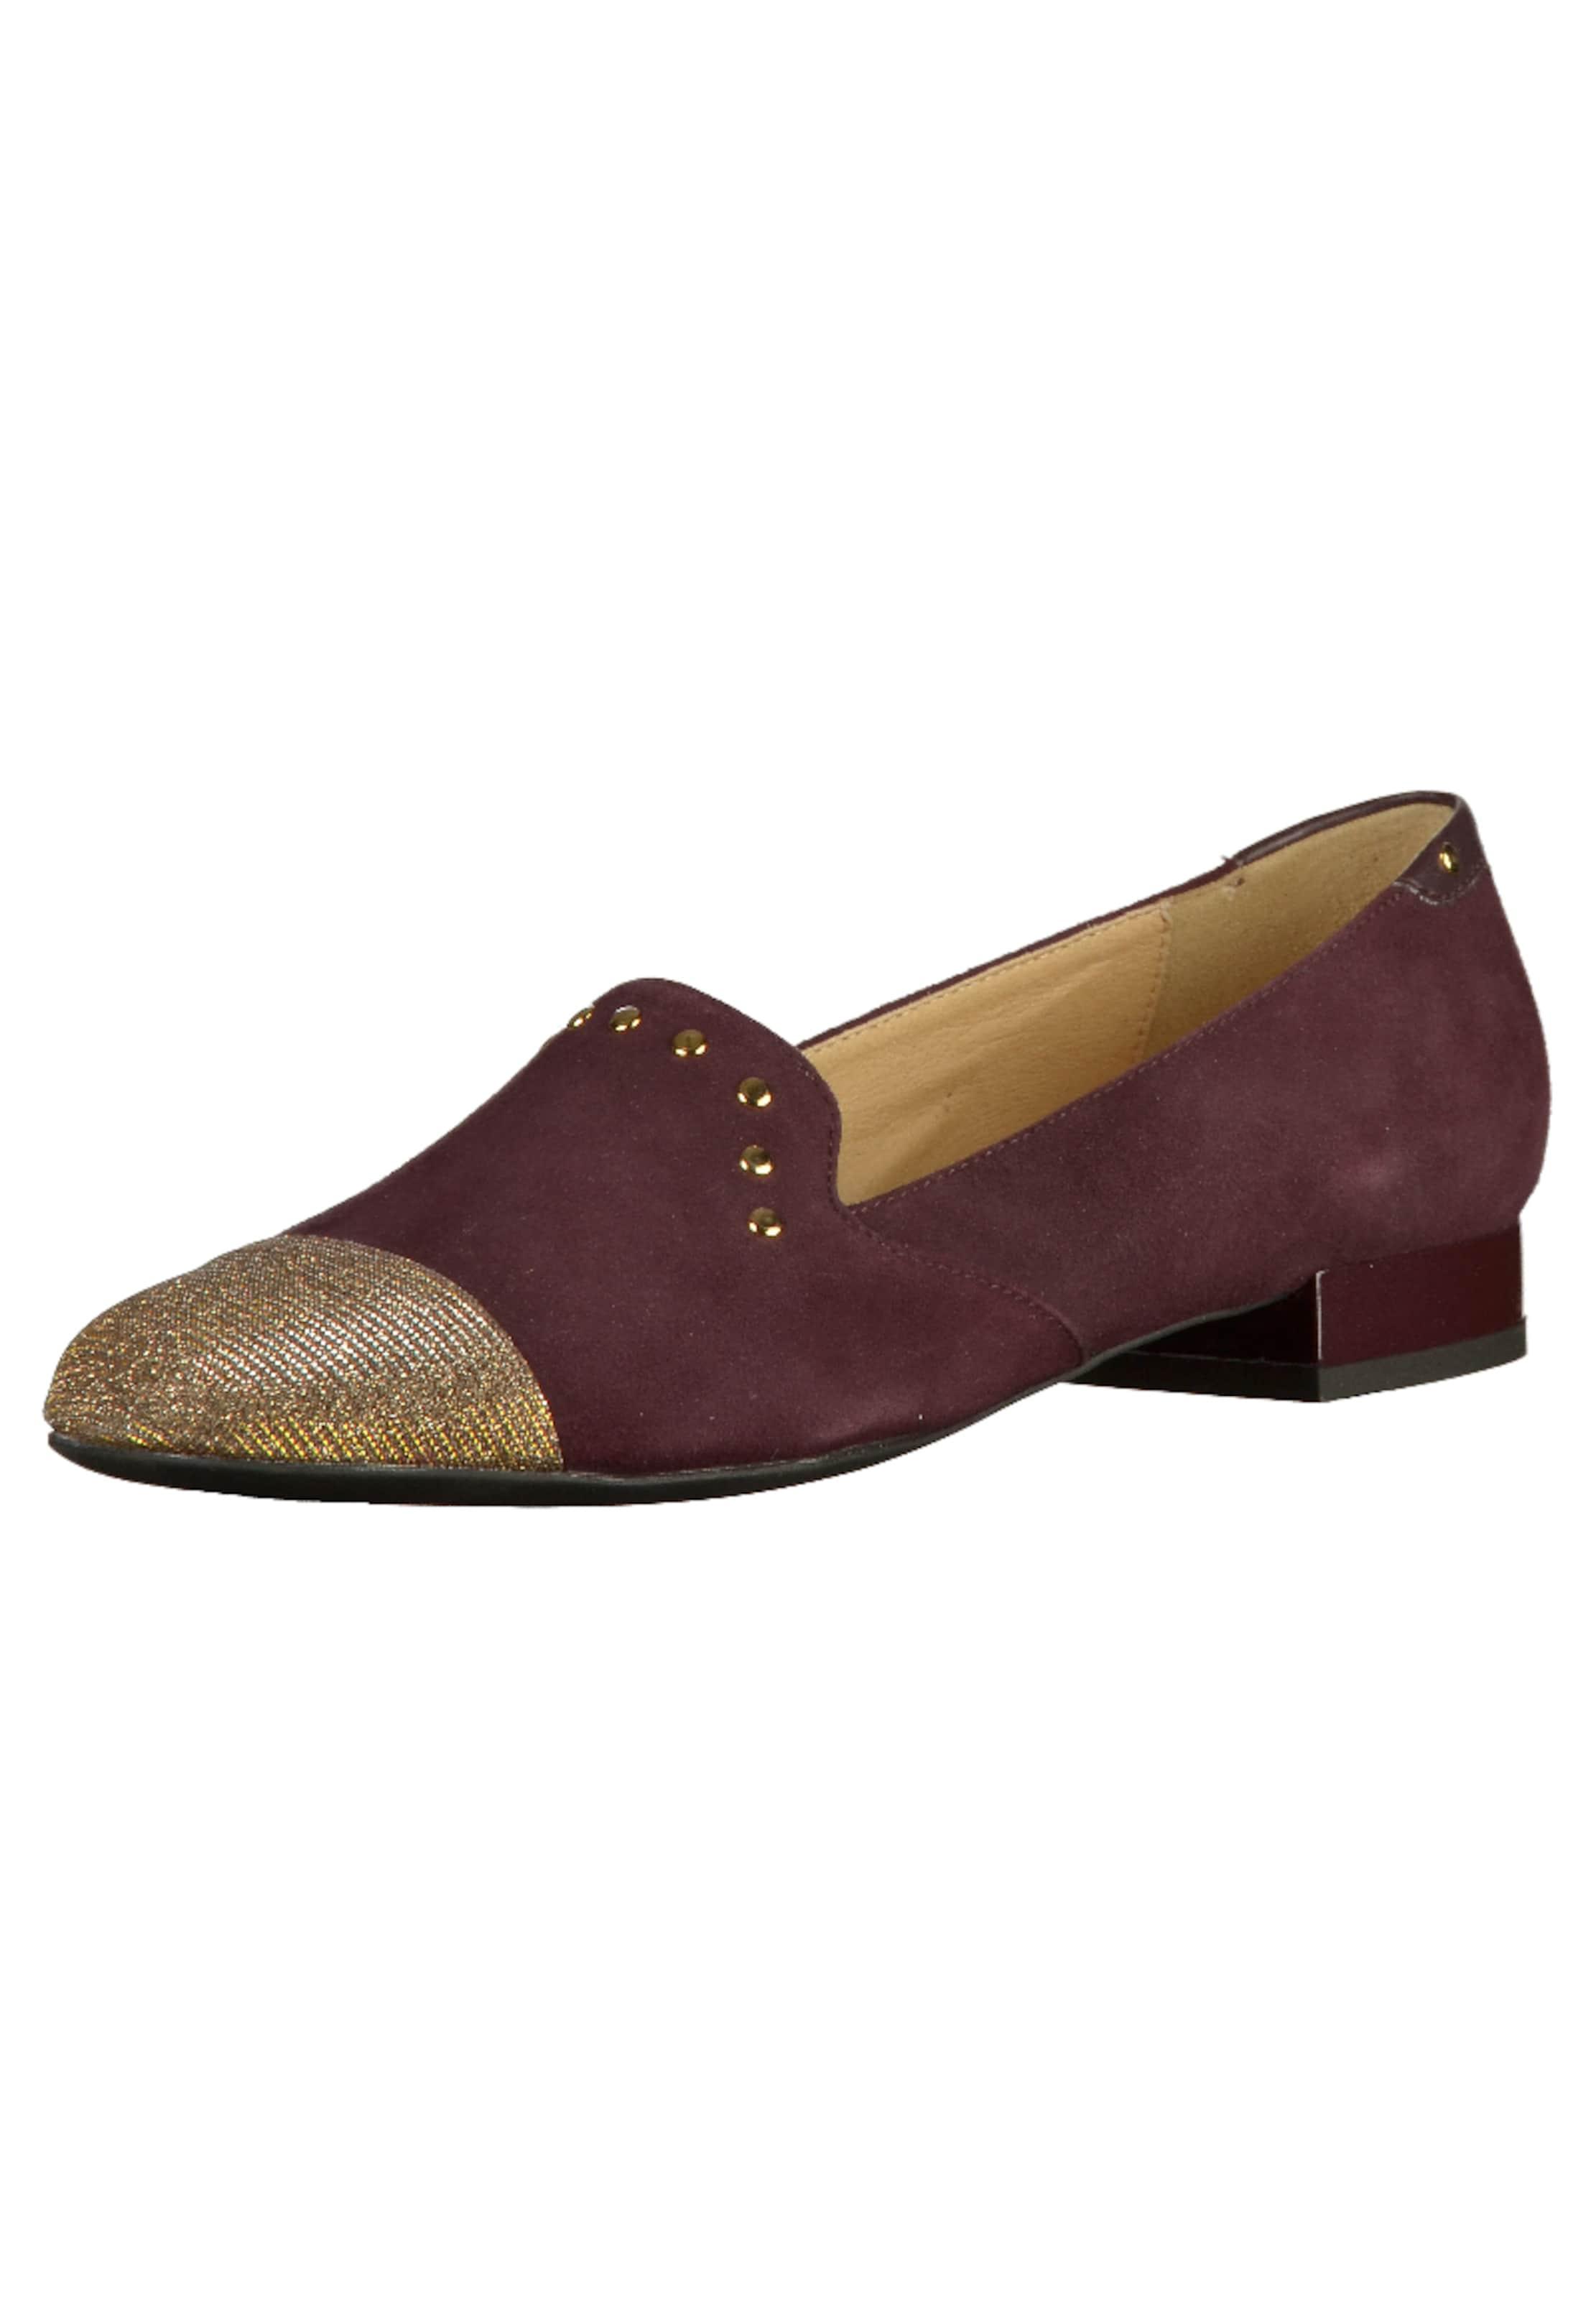 GEOX Slipper Günstige und langlebige Schuhe